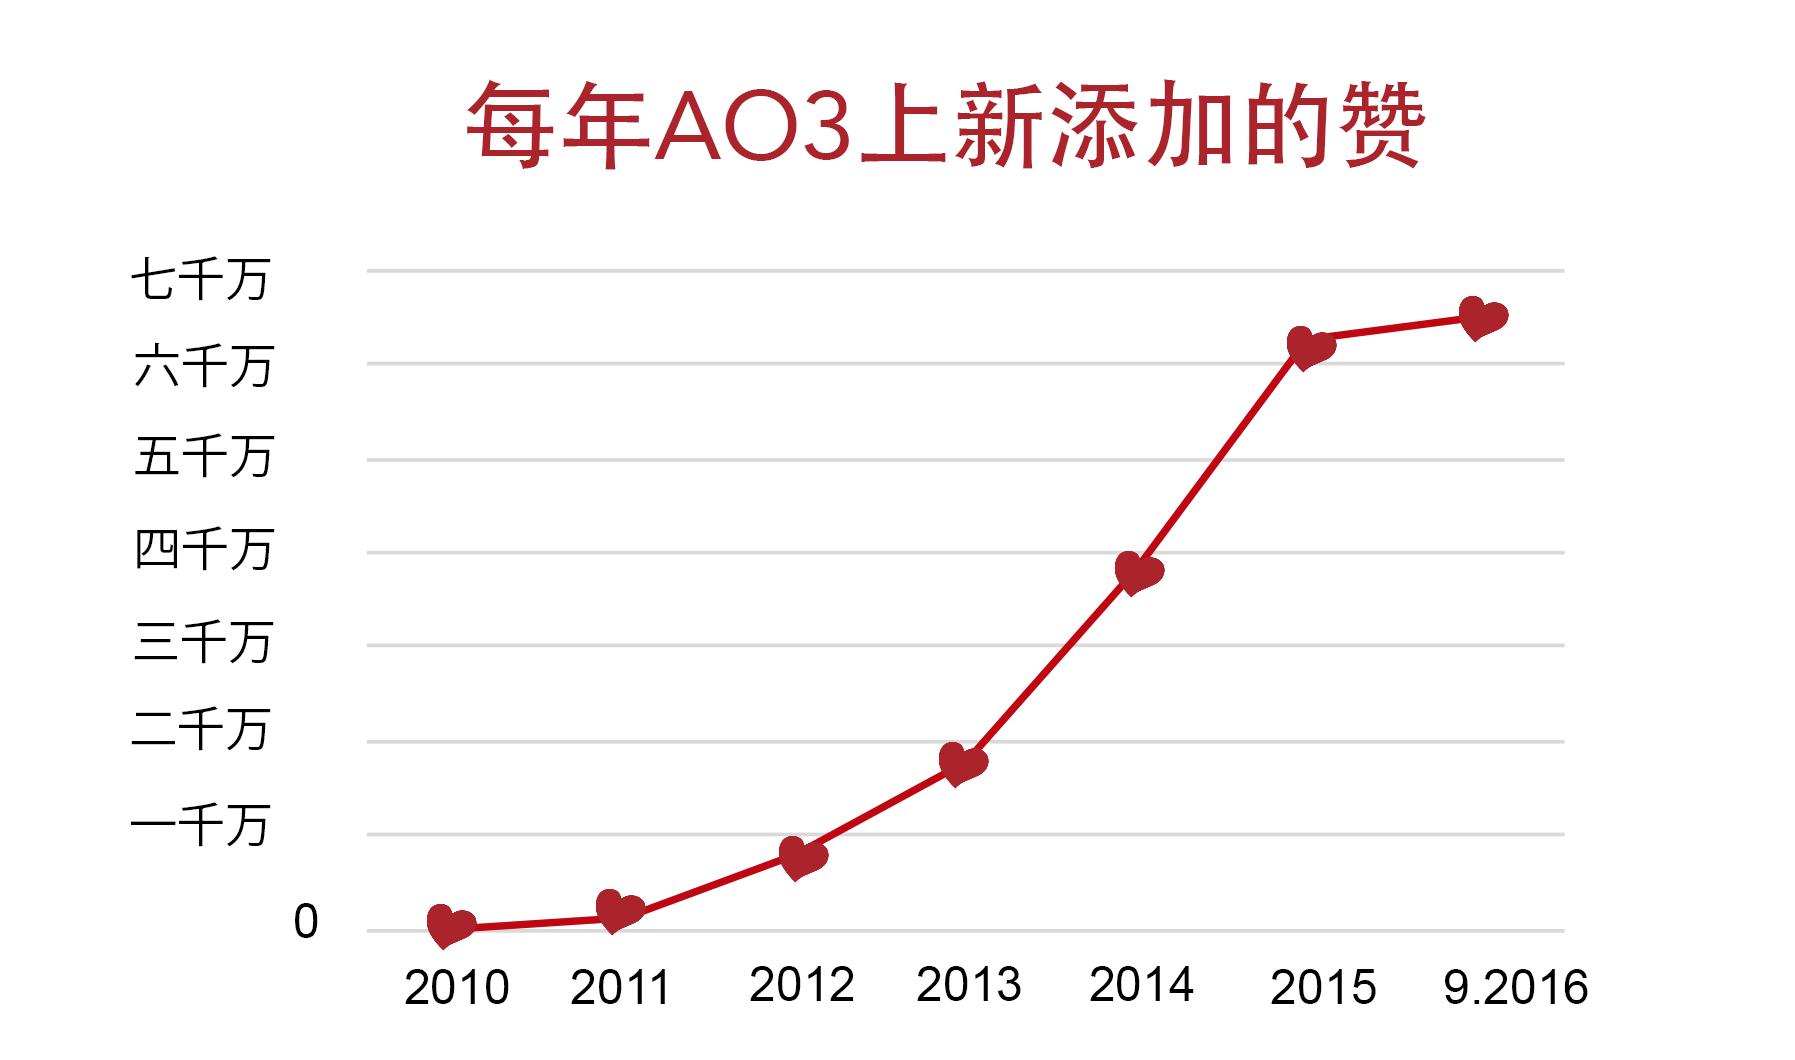 AO3上点赞的增长图表,从2010年的零到今年九月超越六千万